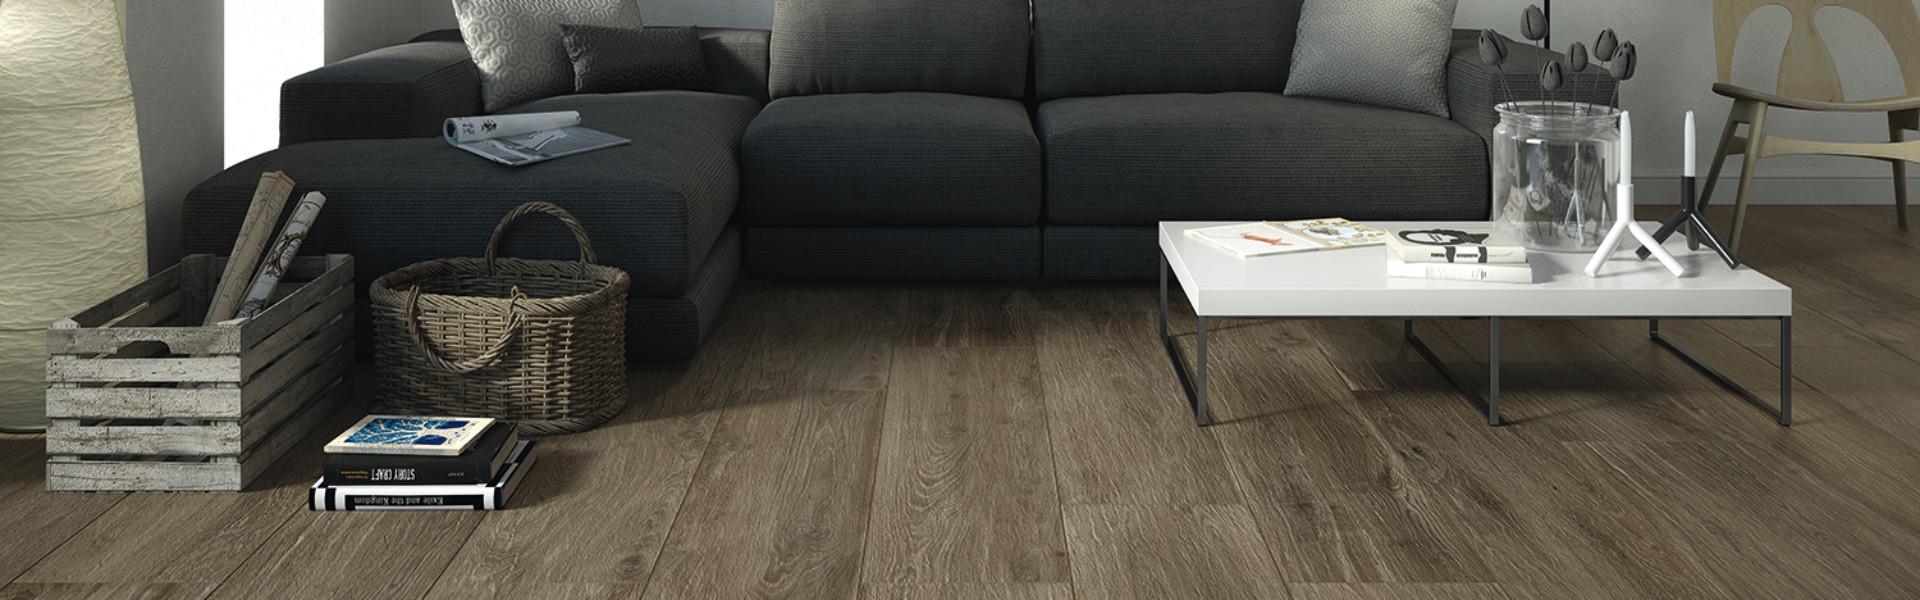 Fliesen Im Wohnzimmer Nutzen Sie Die Vorteile Von Modernen Fliesen